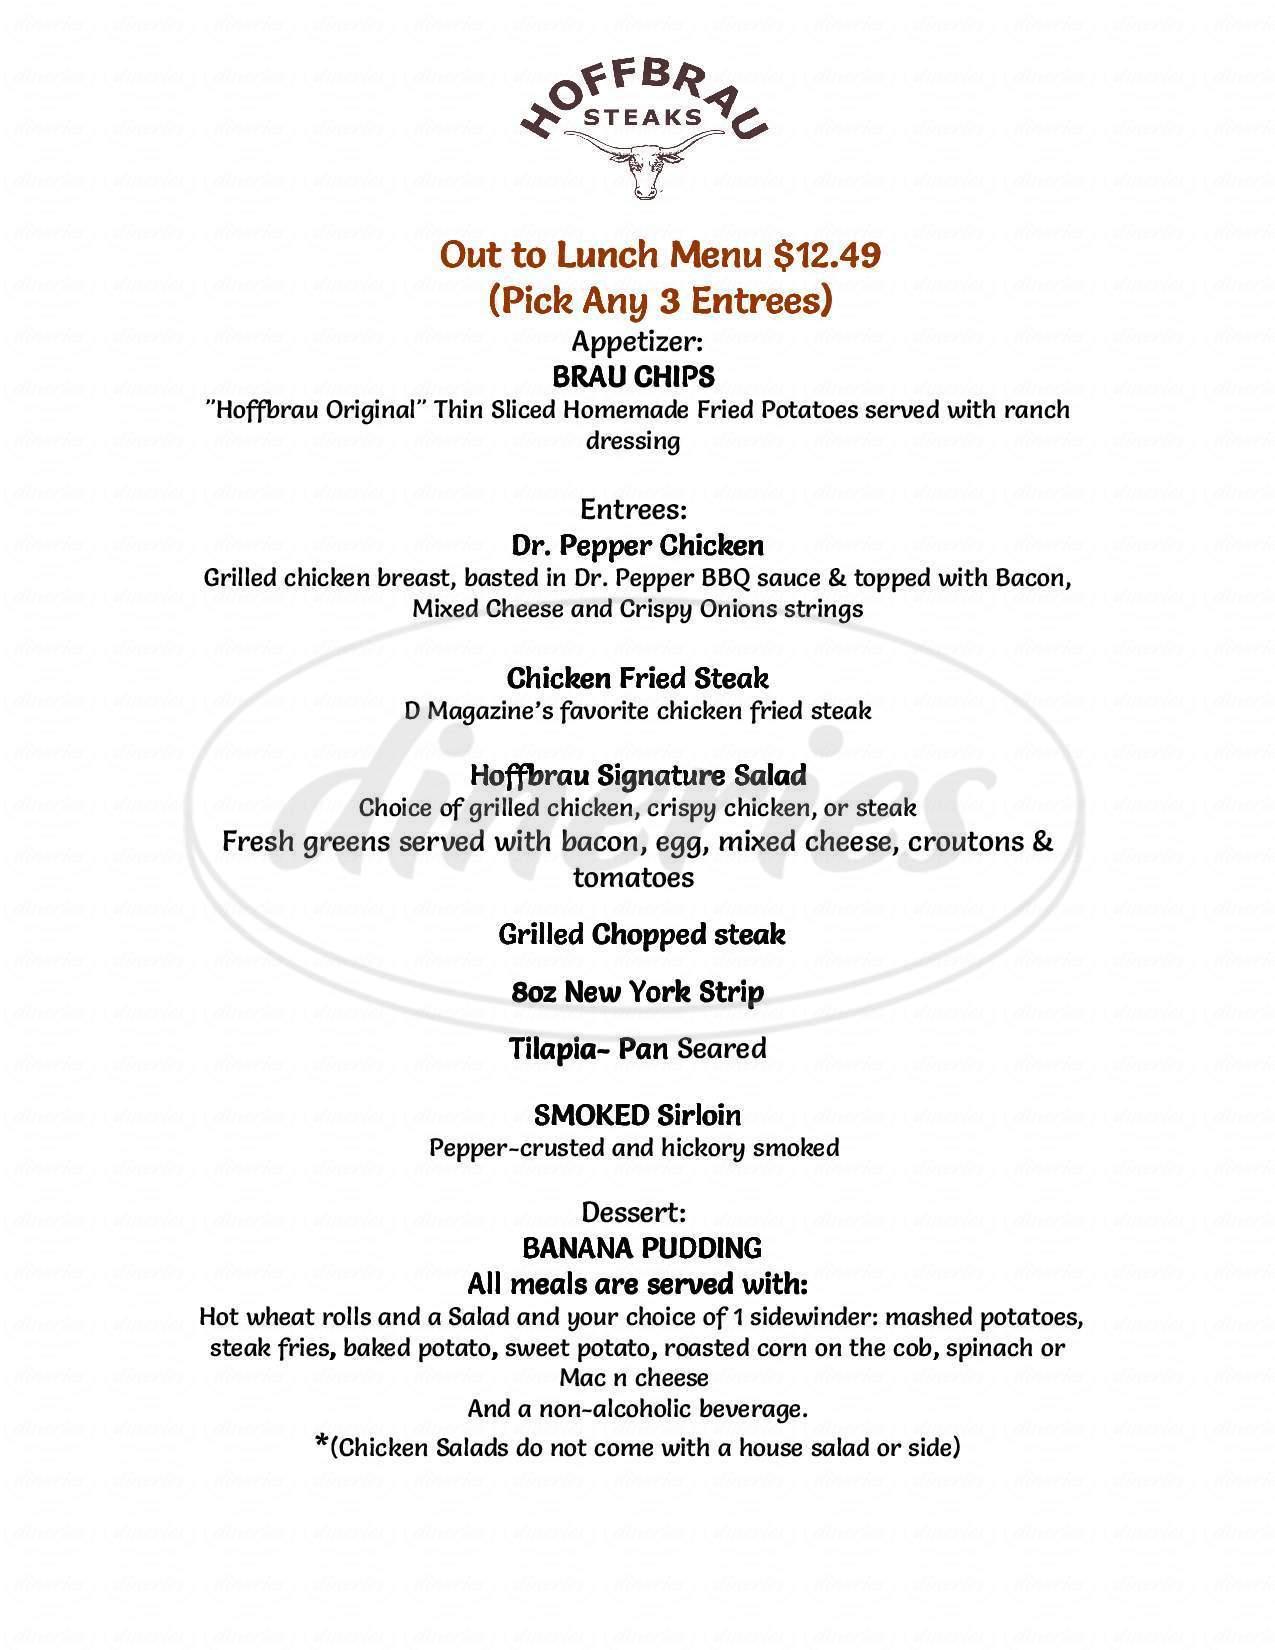 menu for Hoffbrau Steaks Steakhouse